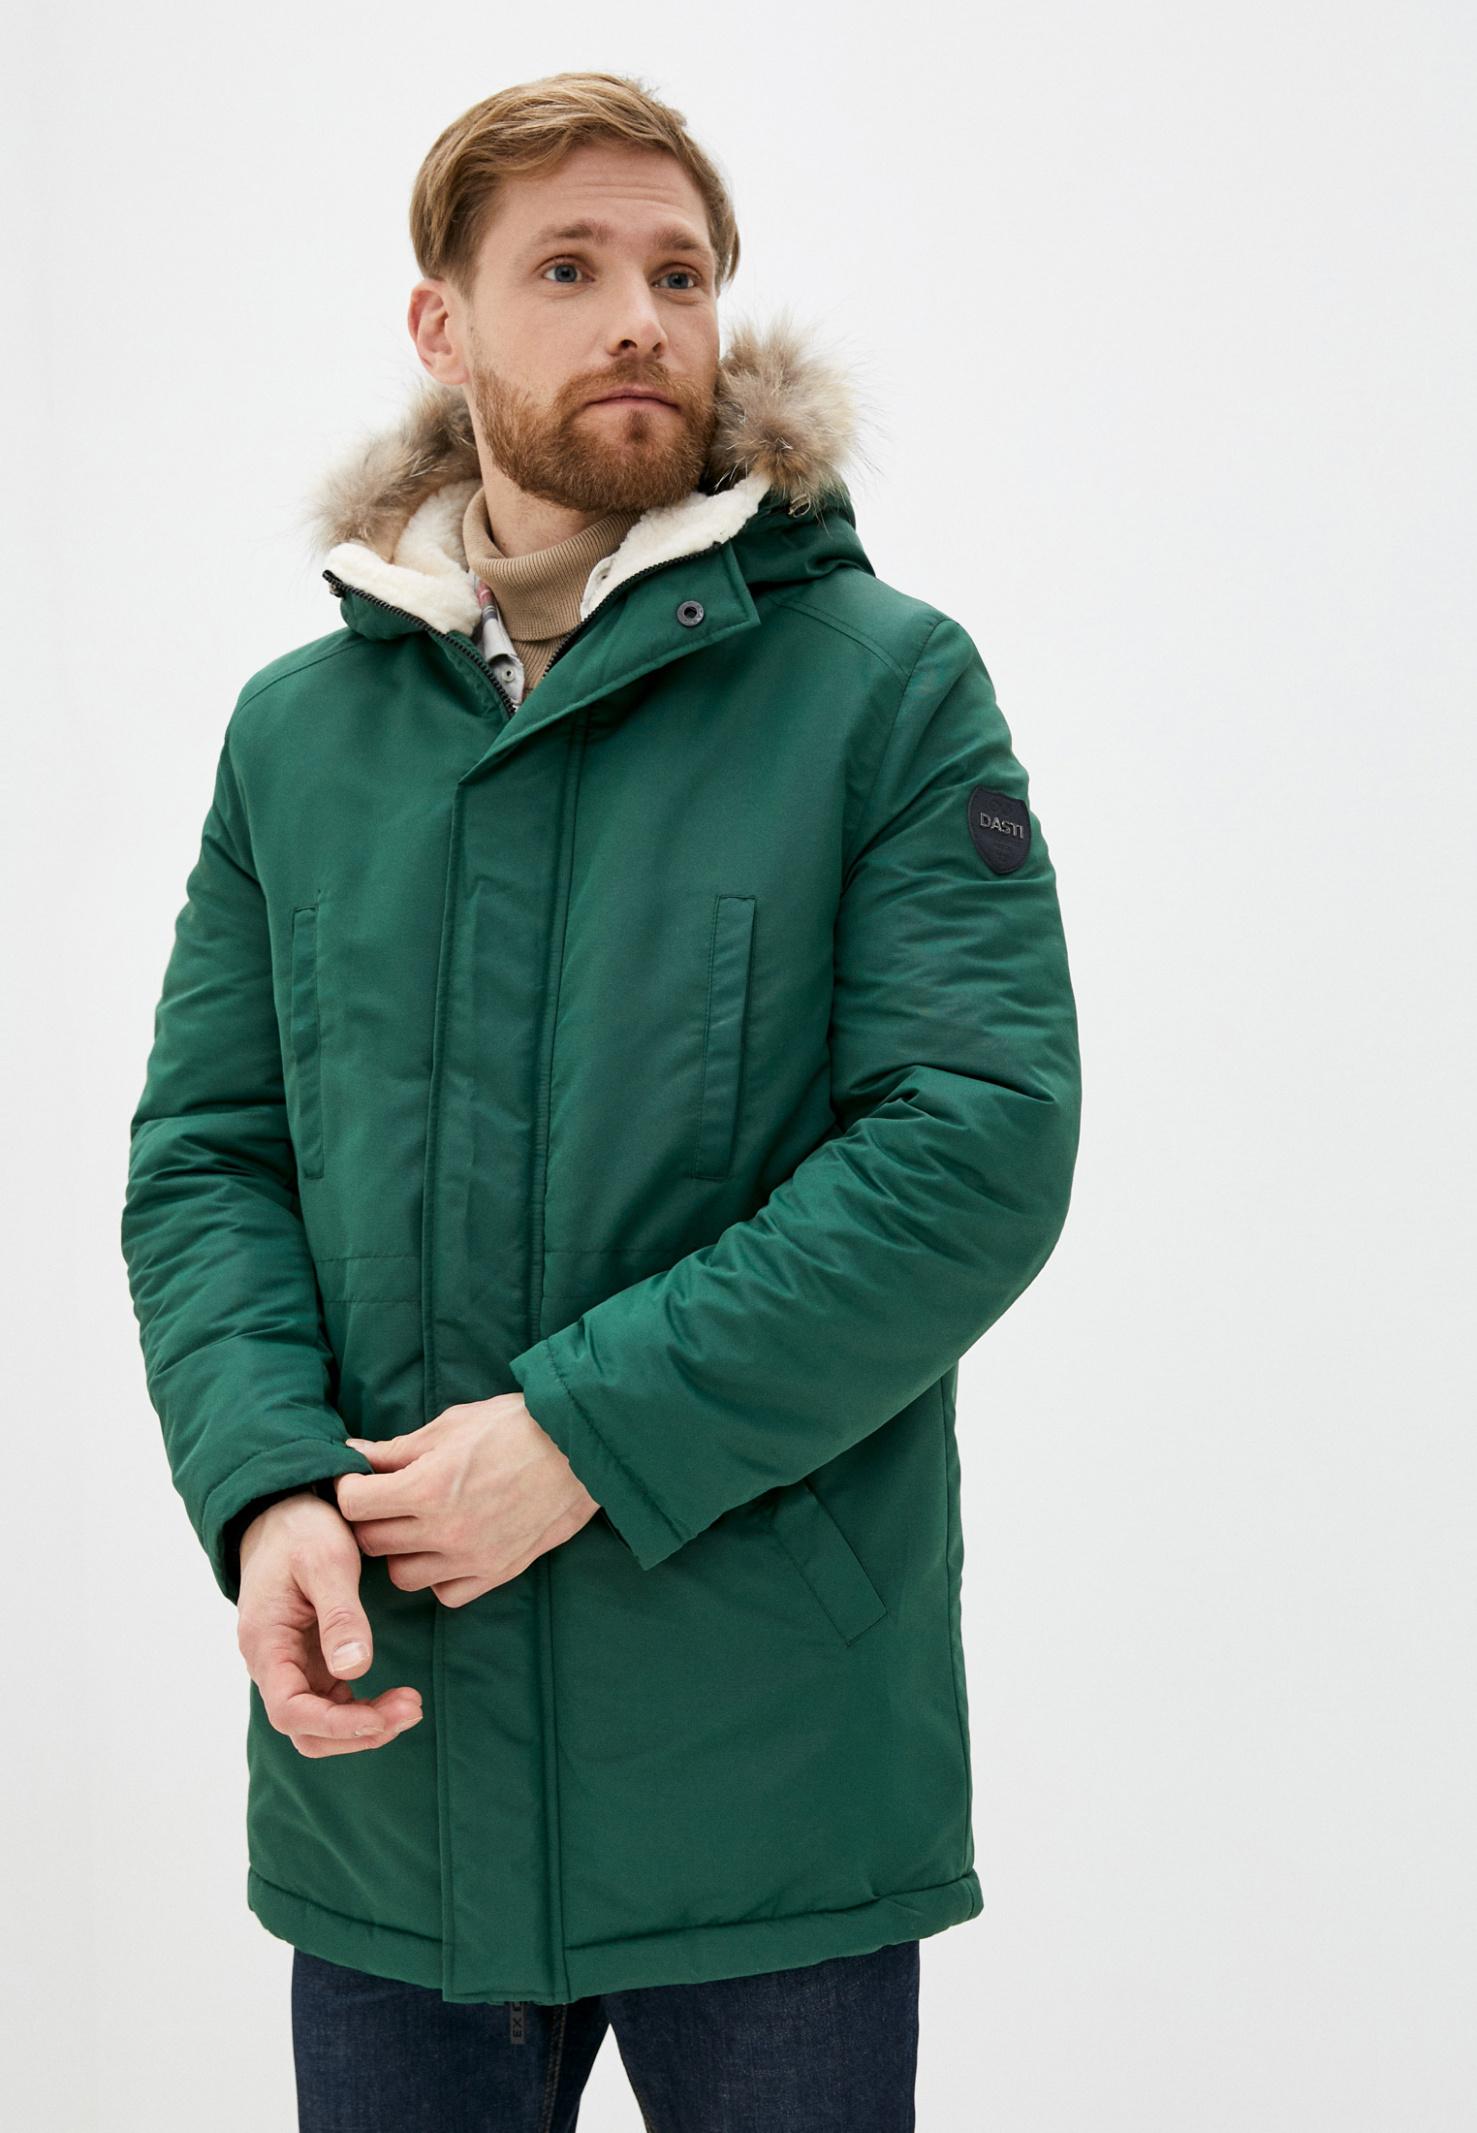 Dasti Куртка чоловічі модель 804DS2018622356 відгуки, 2017